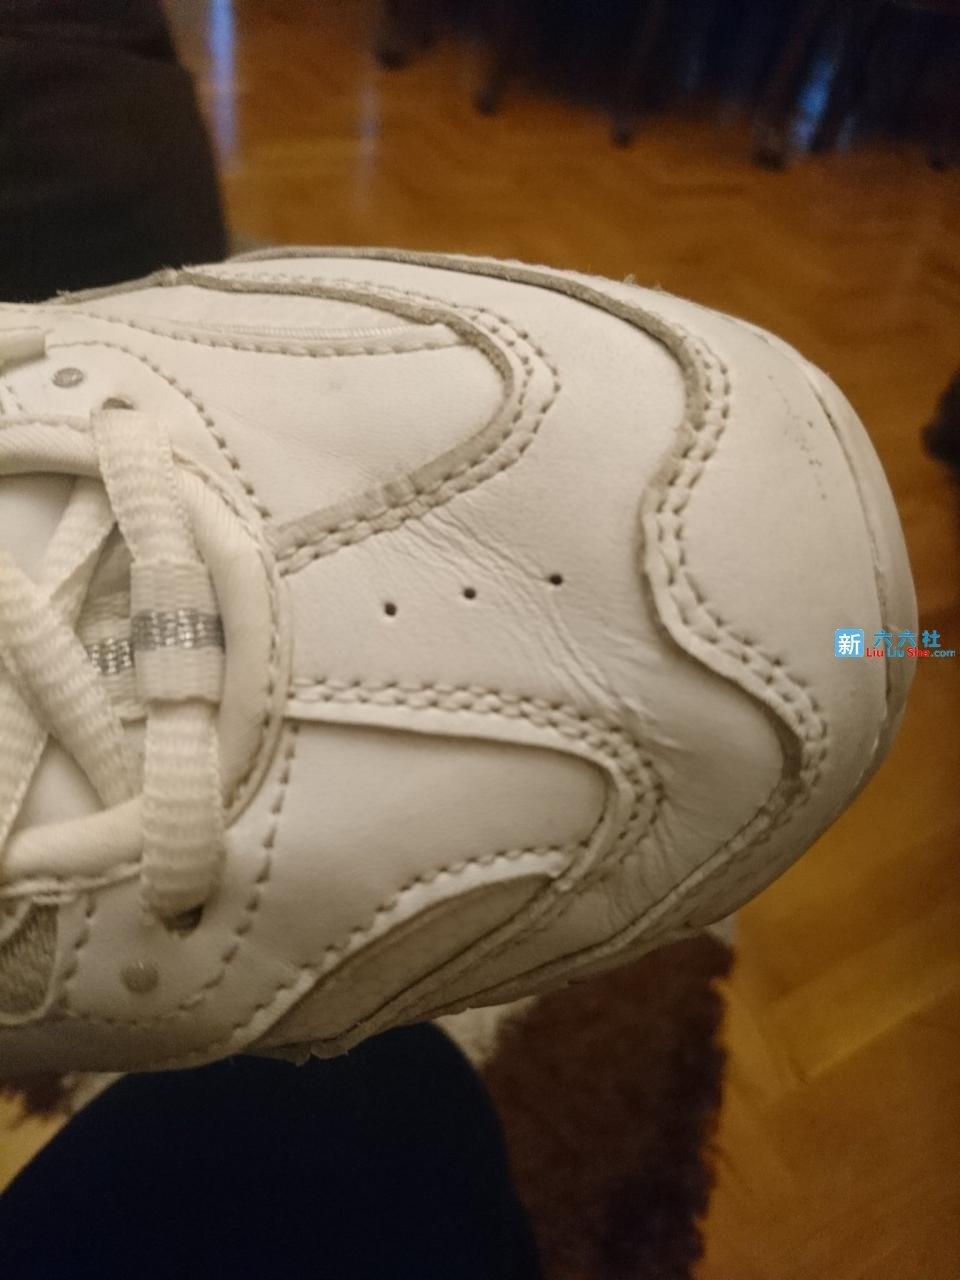 只需一招就能消除鞋面折痕,简单让你的旧鞋变成新鞋